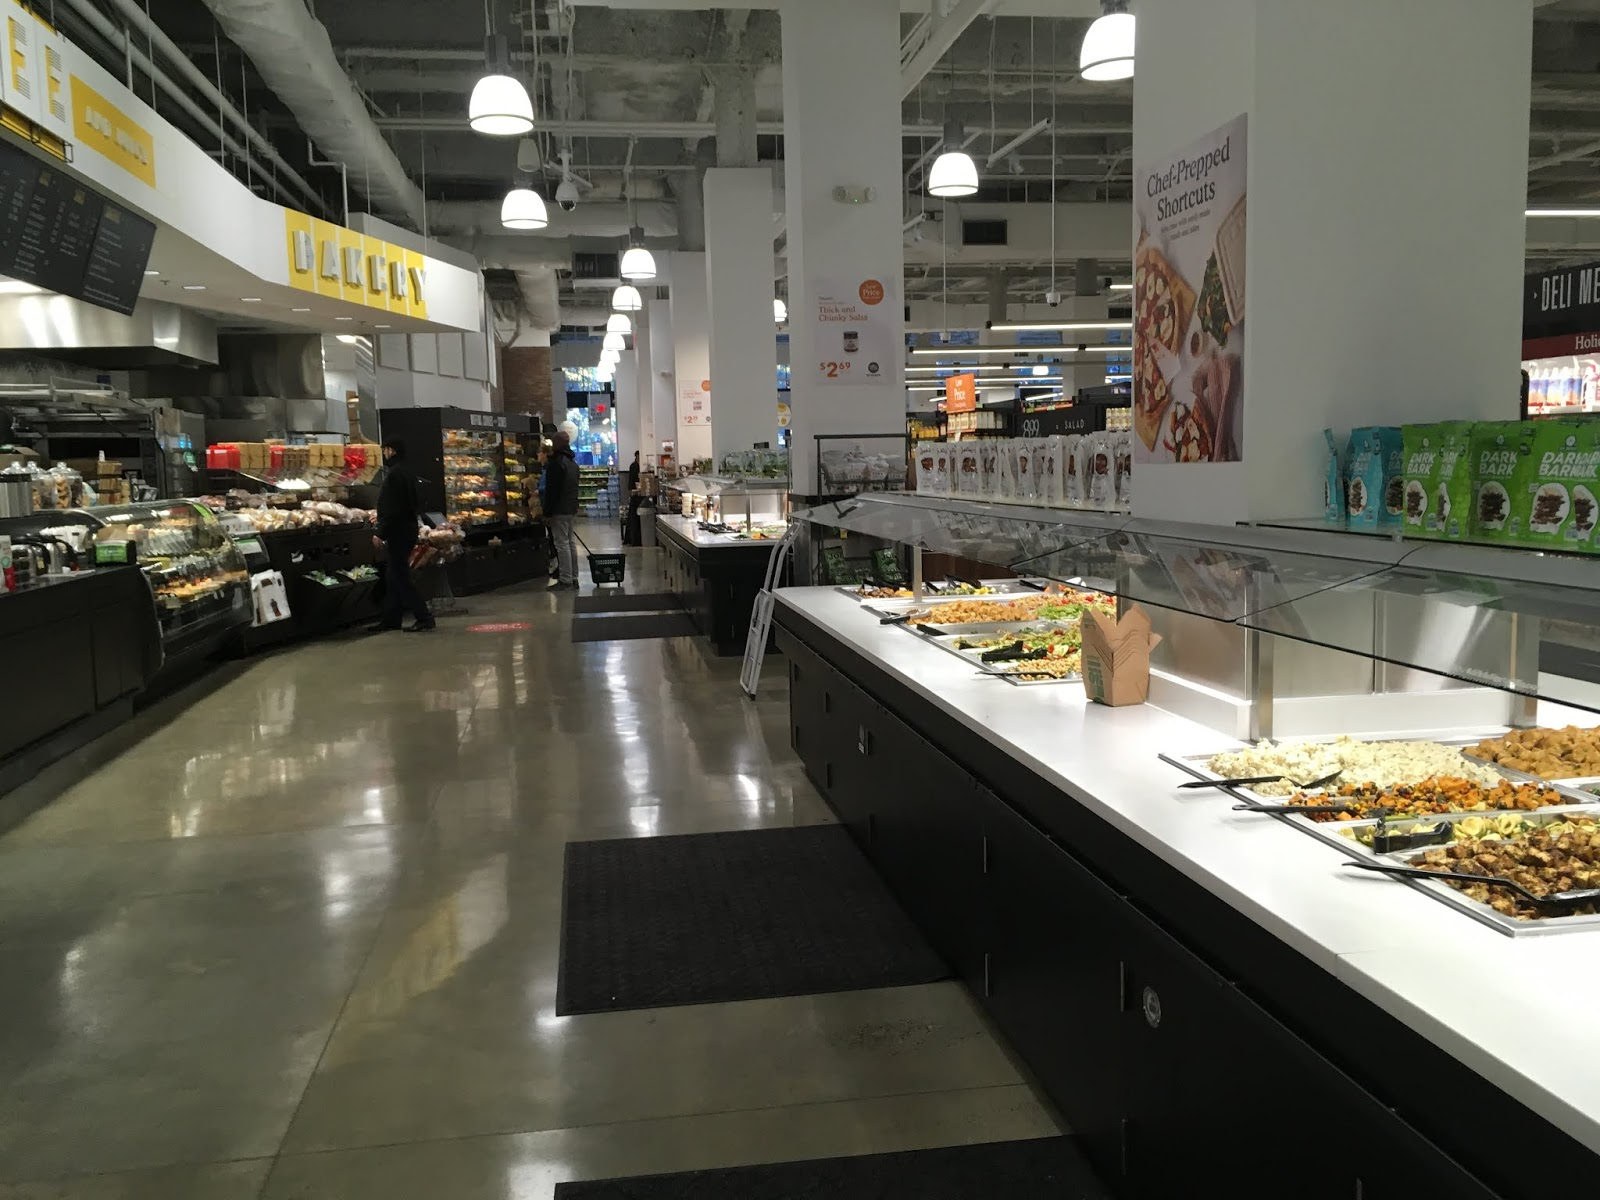 The Market Report: TOUR: Whole Foods Market - Newark, NJ